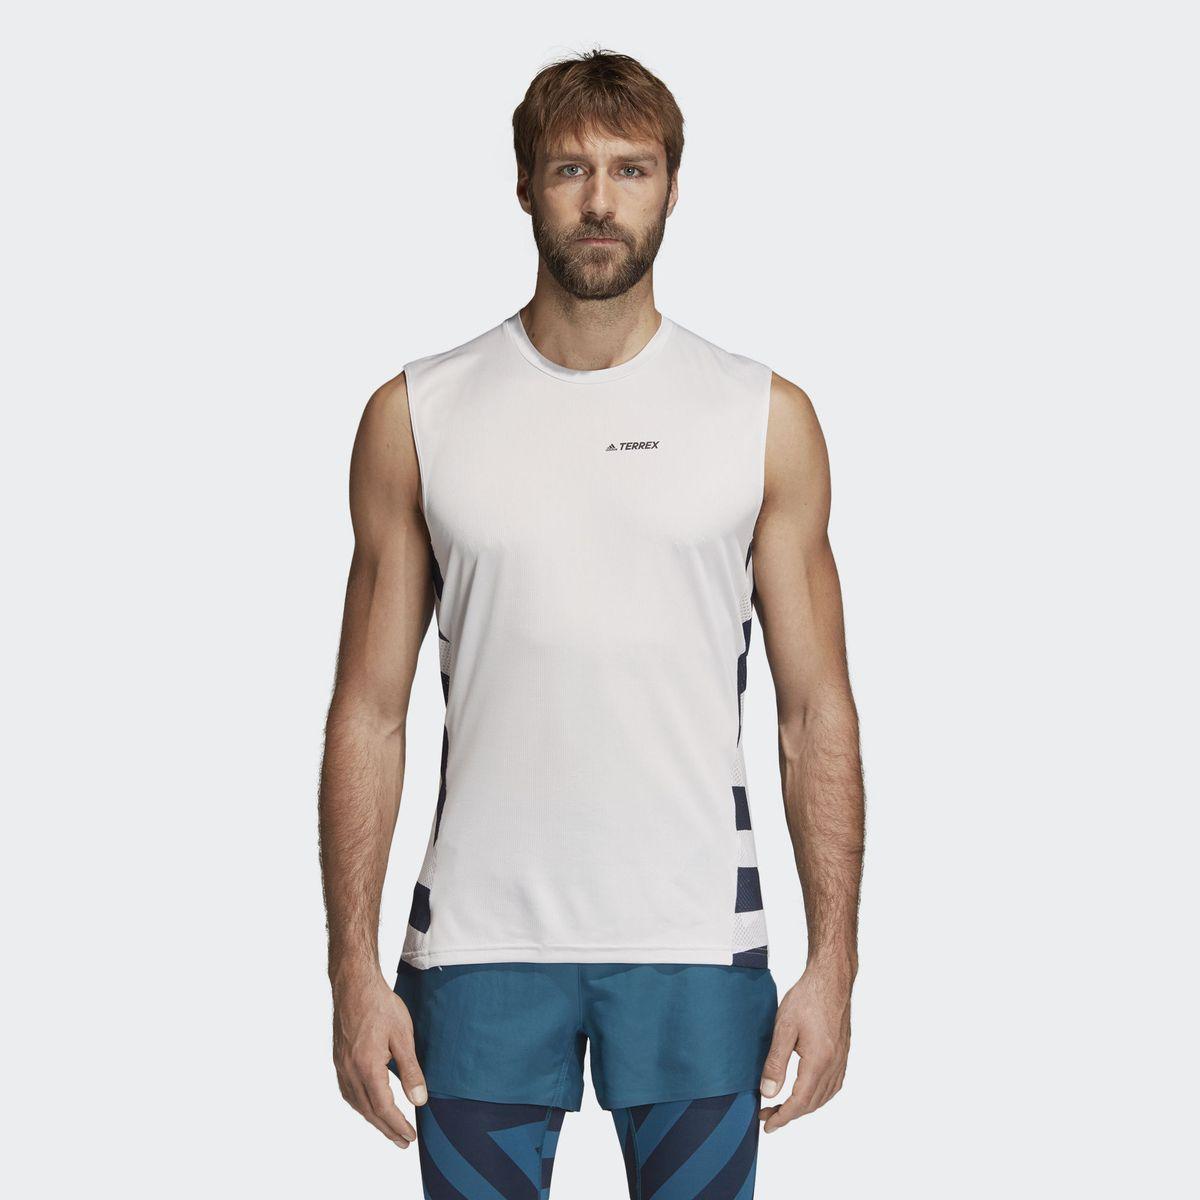 Майка мужская adidas Agravic Top, цвет: светло-серый. CG2479. Размер 54CG2479На природе ежедневные заботы отходят на второй план и ты живешь настоящим - каждую минуту, каждую секунду. Создавайте себя. Двигайтесь только вперед. В этой мужской майке вам будет комфортно и свежо покорять скалы или пологие тропы. Технология Climalite позволяет ткани быстро высыхать, а приталенный крой и дизайн без рукавов обеспечивают полную свободу движений. adidas заботится об окружающей среде при производстве товаров. Модель выполнена из волокна, созданного в коллаборации с Parley for the Oceans. Parley Ocean Plastic перерабатывается из пластика, собранного на пляжах и в прибрежных поселениях, до того как он попадет в океан.Технология Climalite отводит излишки влаги, обеспечивая комфортное ощущение сухости в любых условиях.Круглый ворот.Модель без рукавов.Наклонные боковые швы.Геометрический принт на спине; логотип Terrex на груди.Приталенный крой, плотнее облегающий корпус.